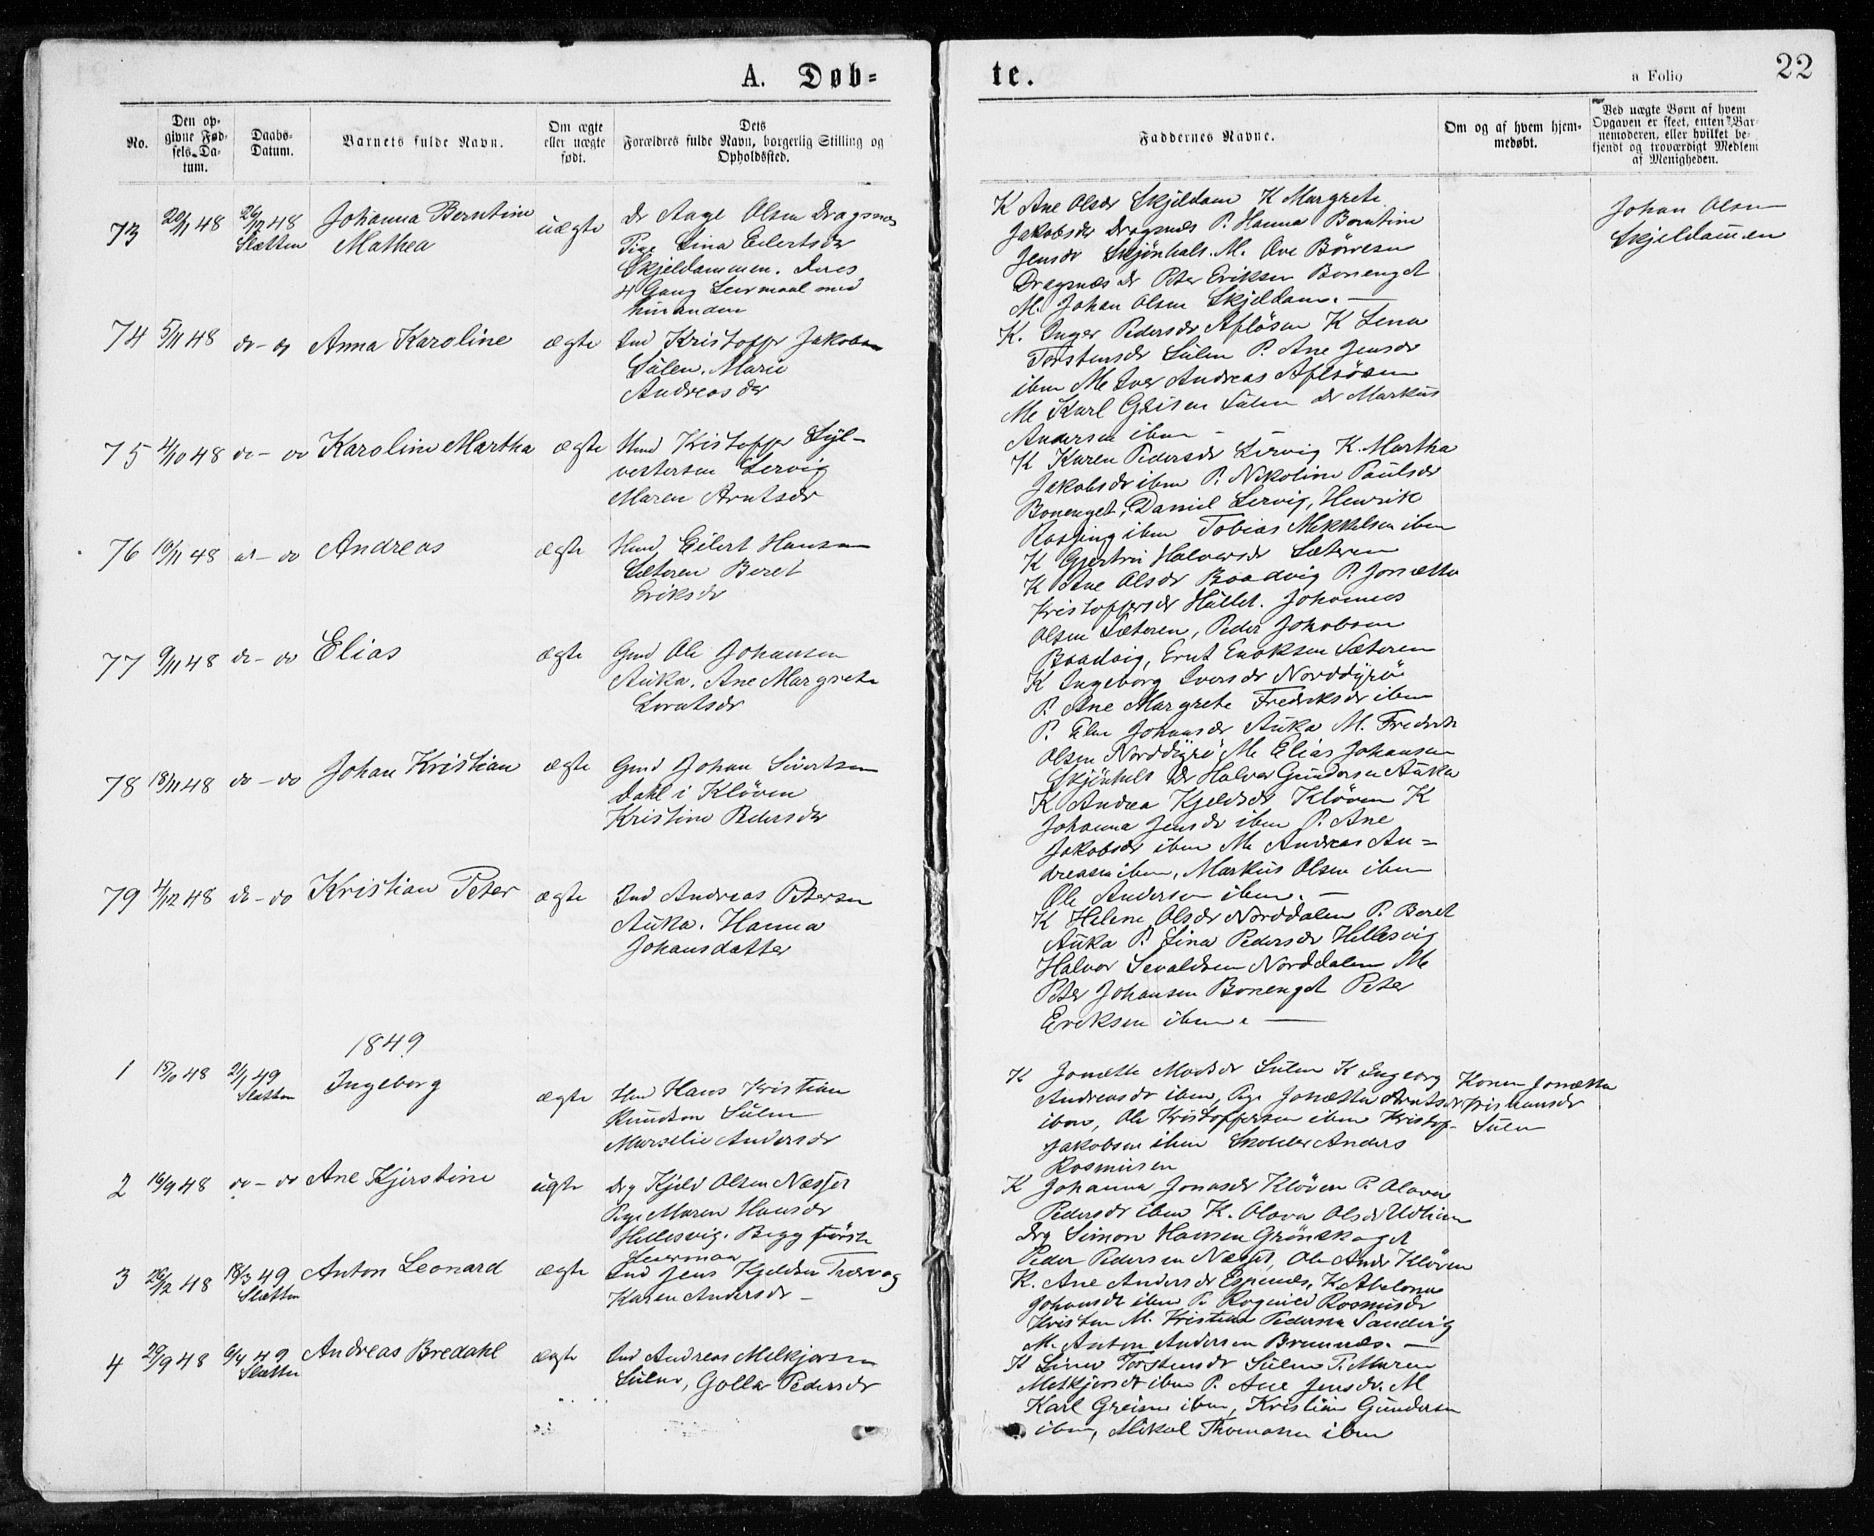 SAT, Ministerialprotokoller, klokkerbøker og fødselsregistre - Sør-Trøndelag, 640/L0576: Ministerialbok nr. 640A01, 1846-1876, s. 22